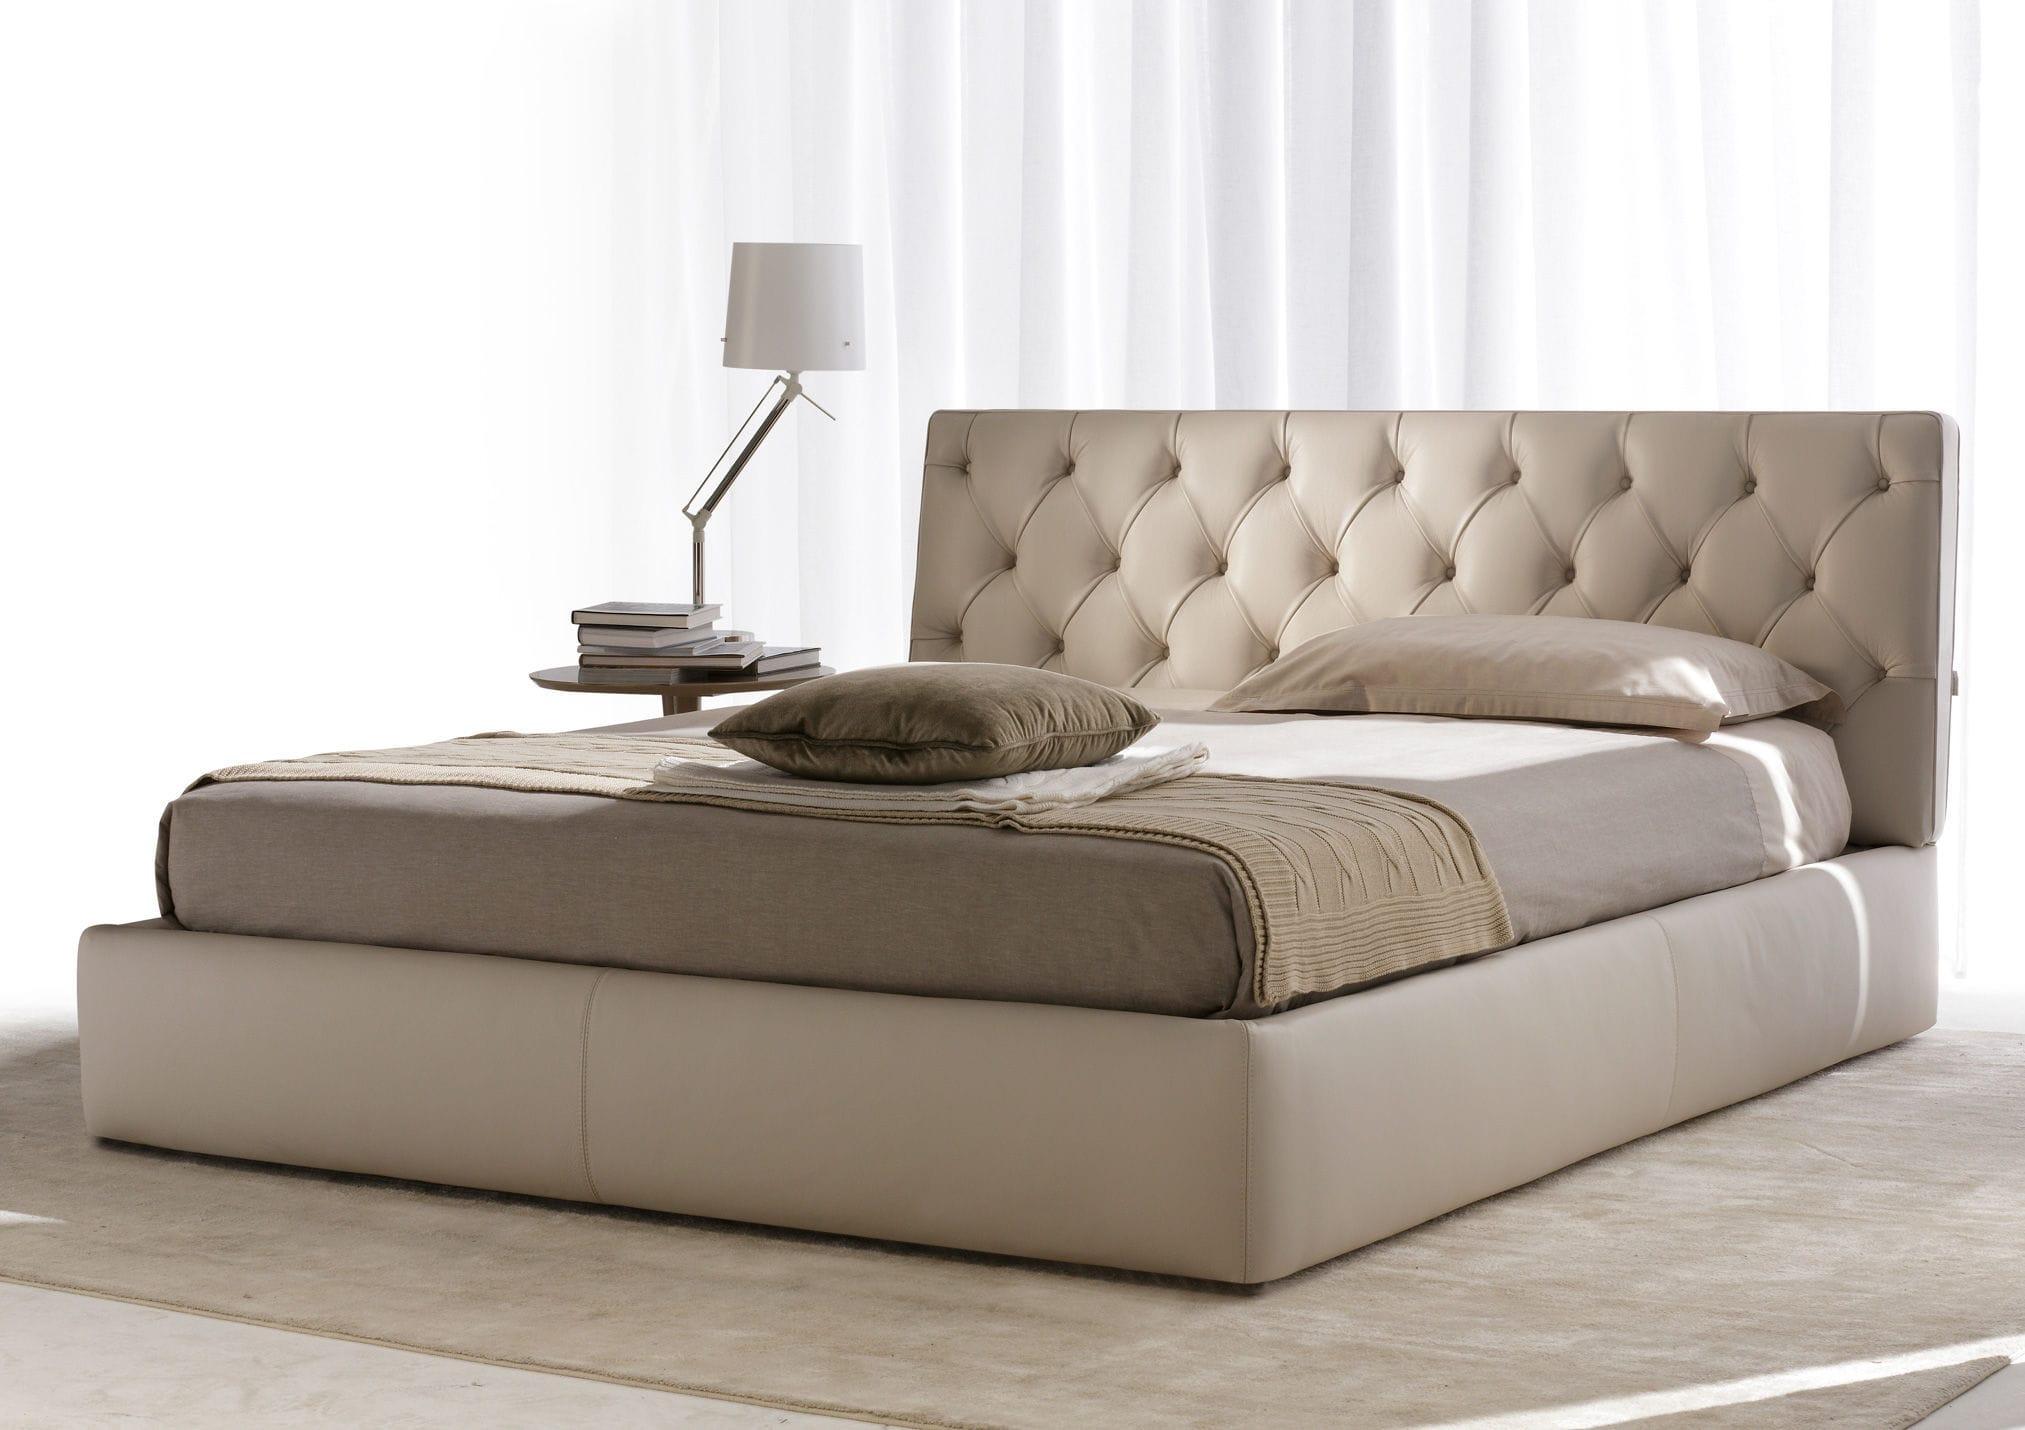 Lit Avec Tete De Lit Matelassé lit double / contemporain / tapissé / avec tête de lit